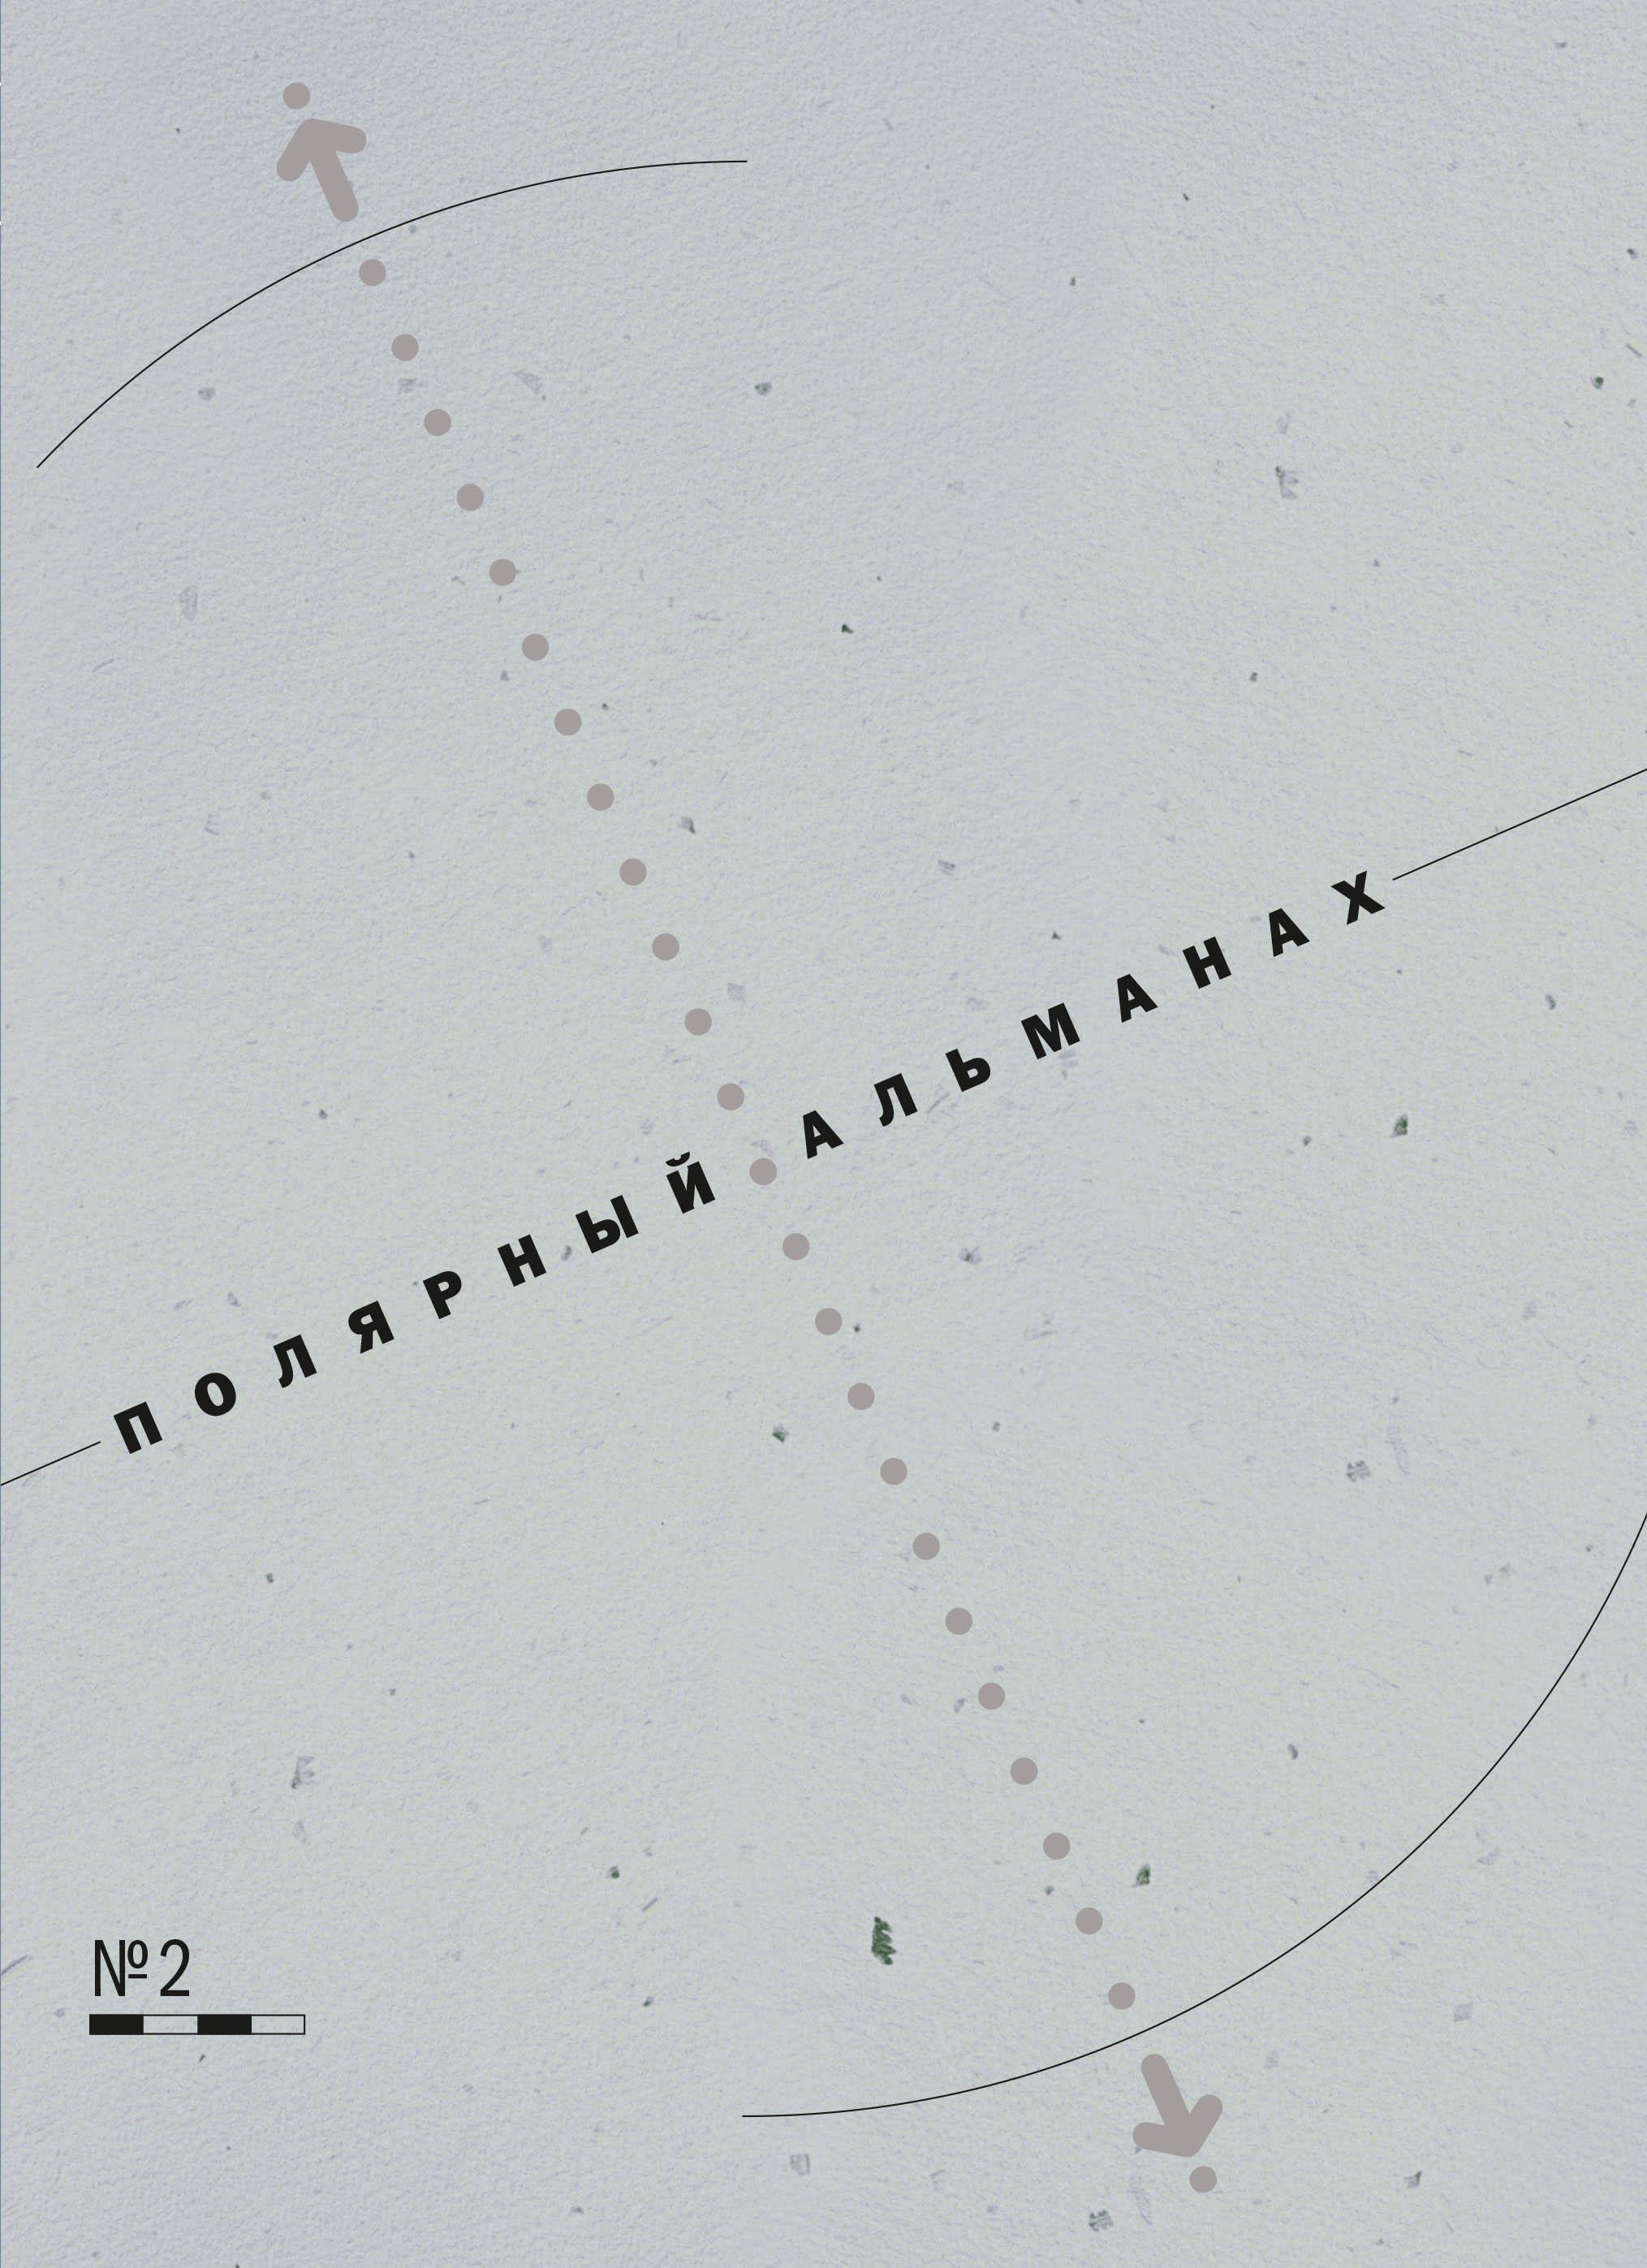 Полярный альманах № 2